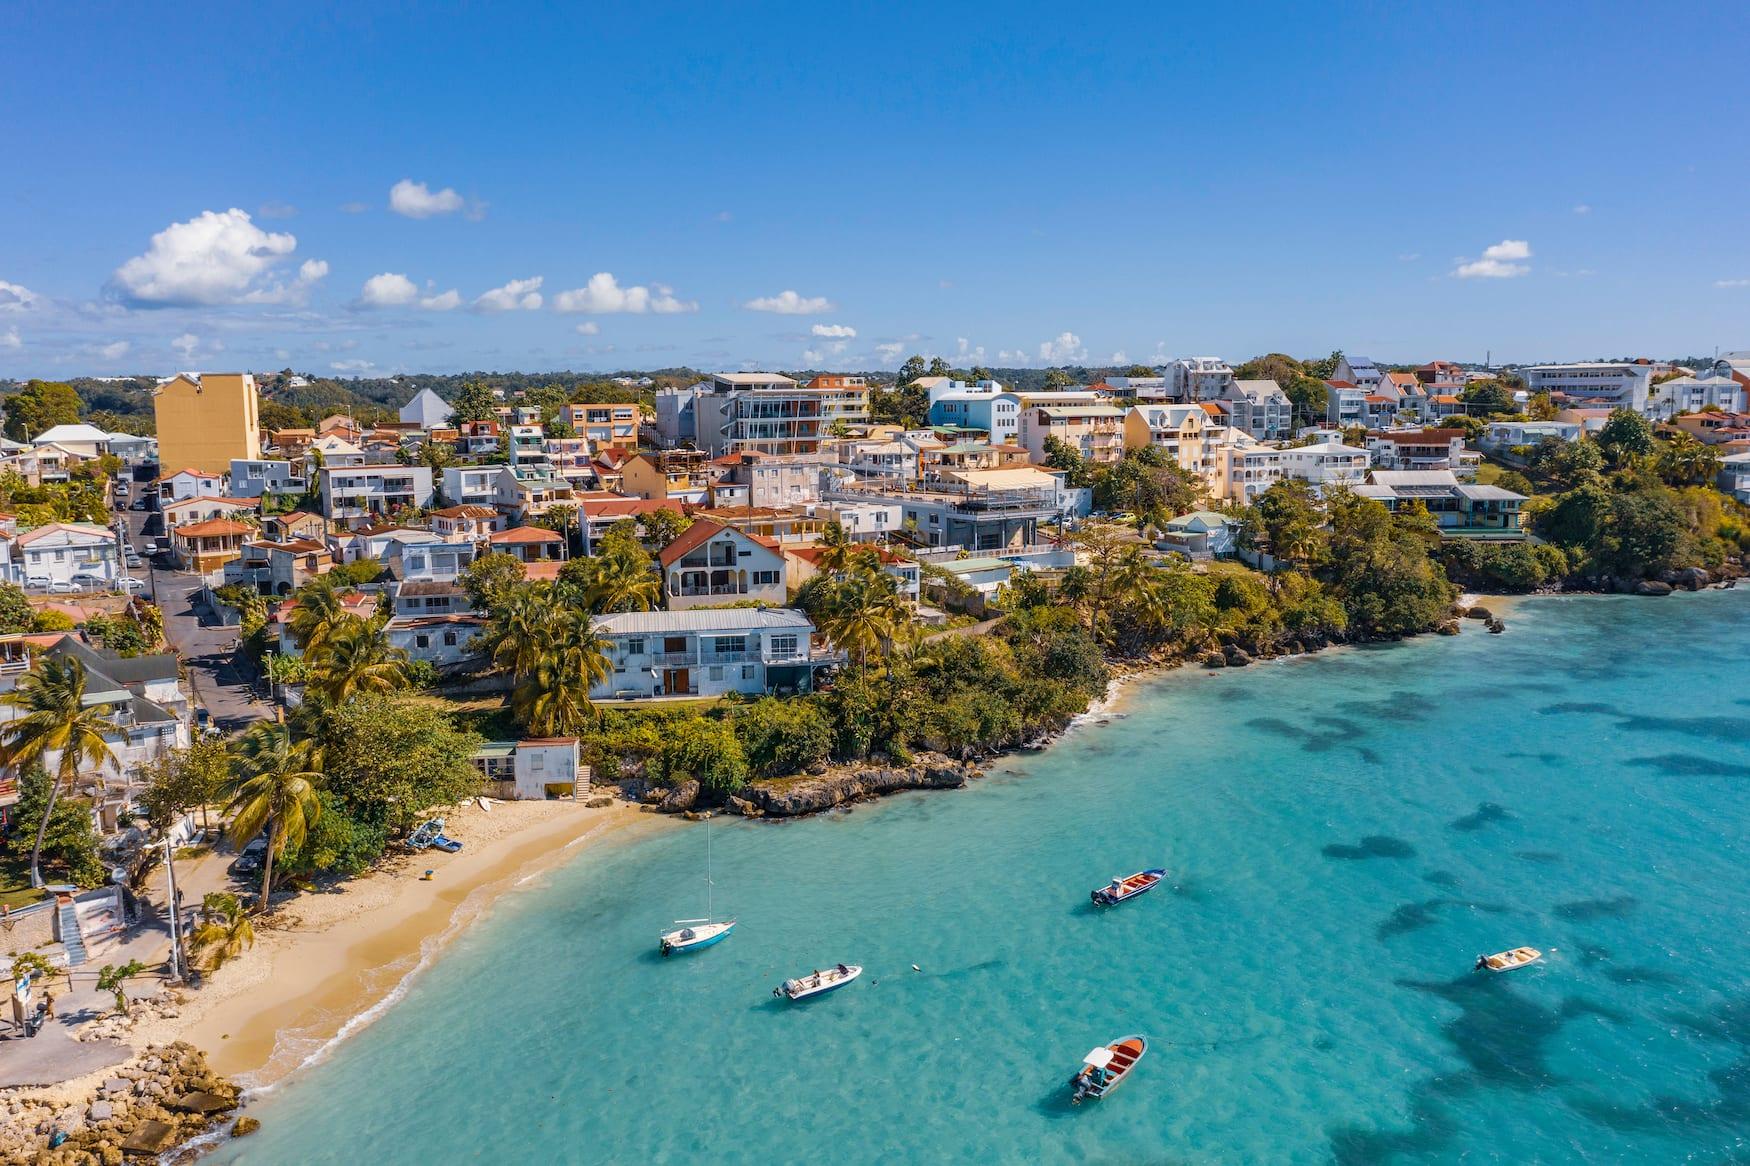 Blick auf Küstenort auf Guadeloupe